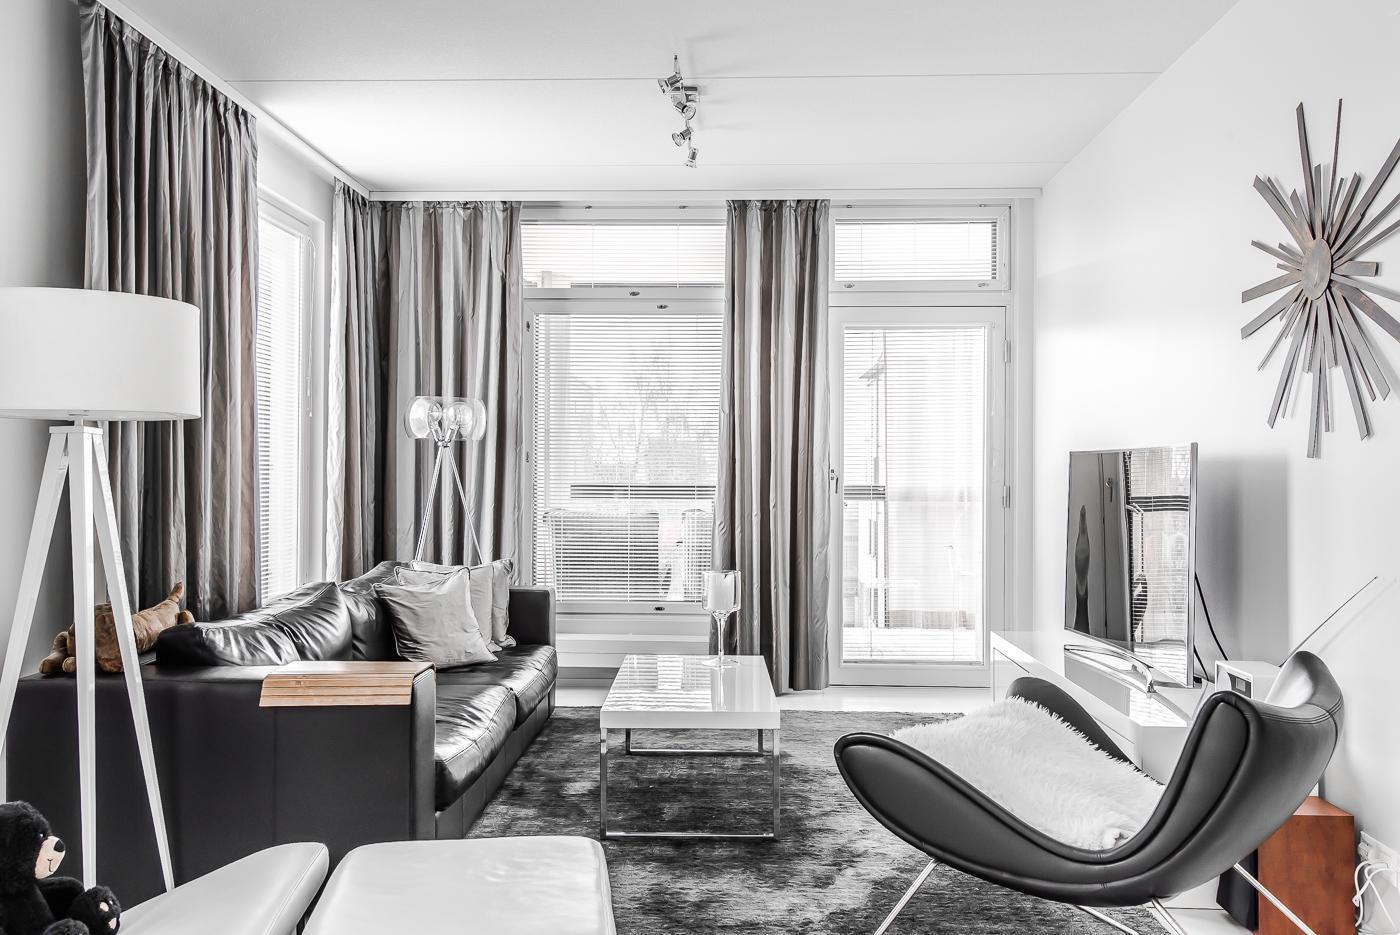 Tyylikäs mustavalkoinen olohuone  Etuovi com Ideat & vinkit